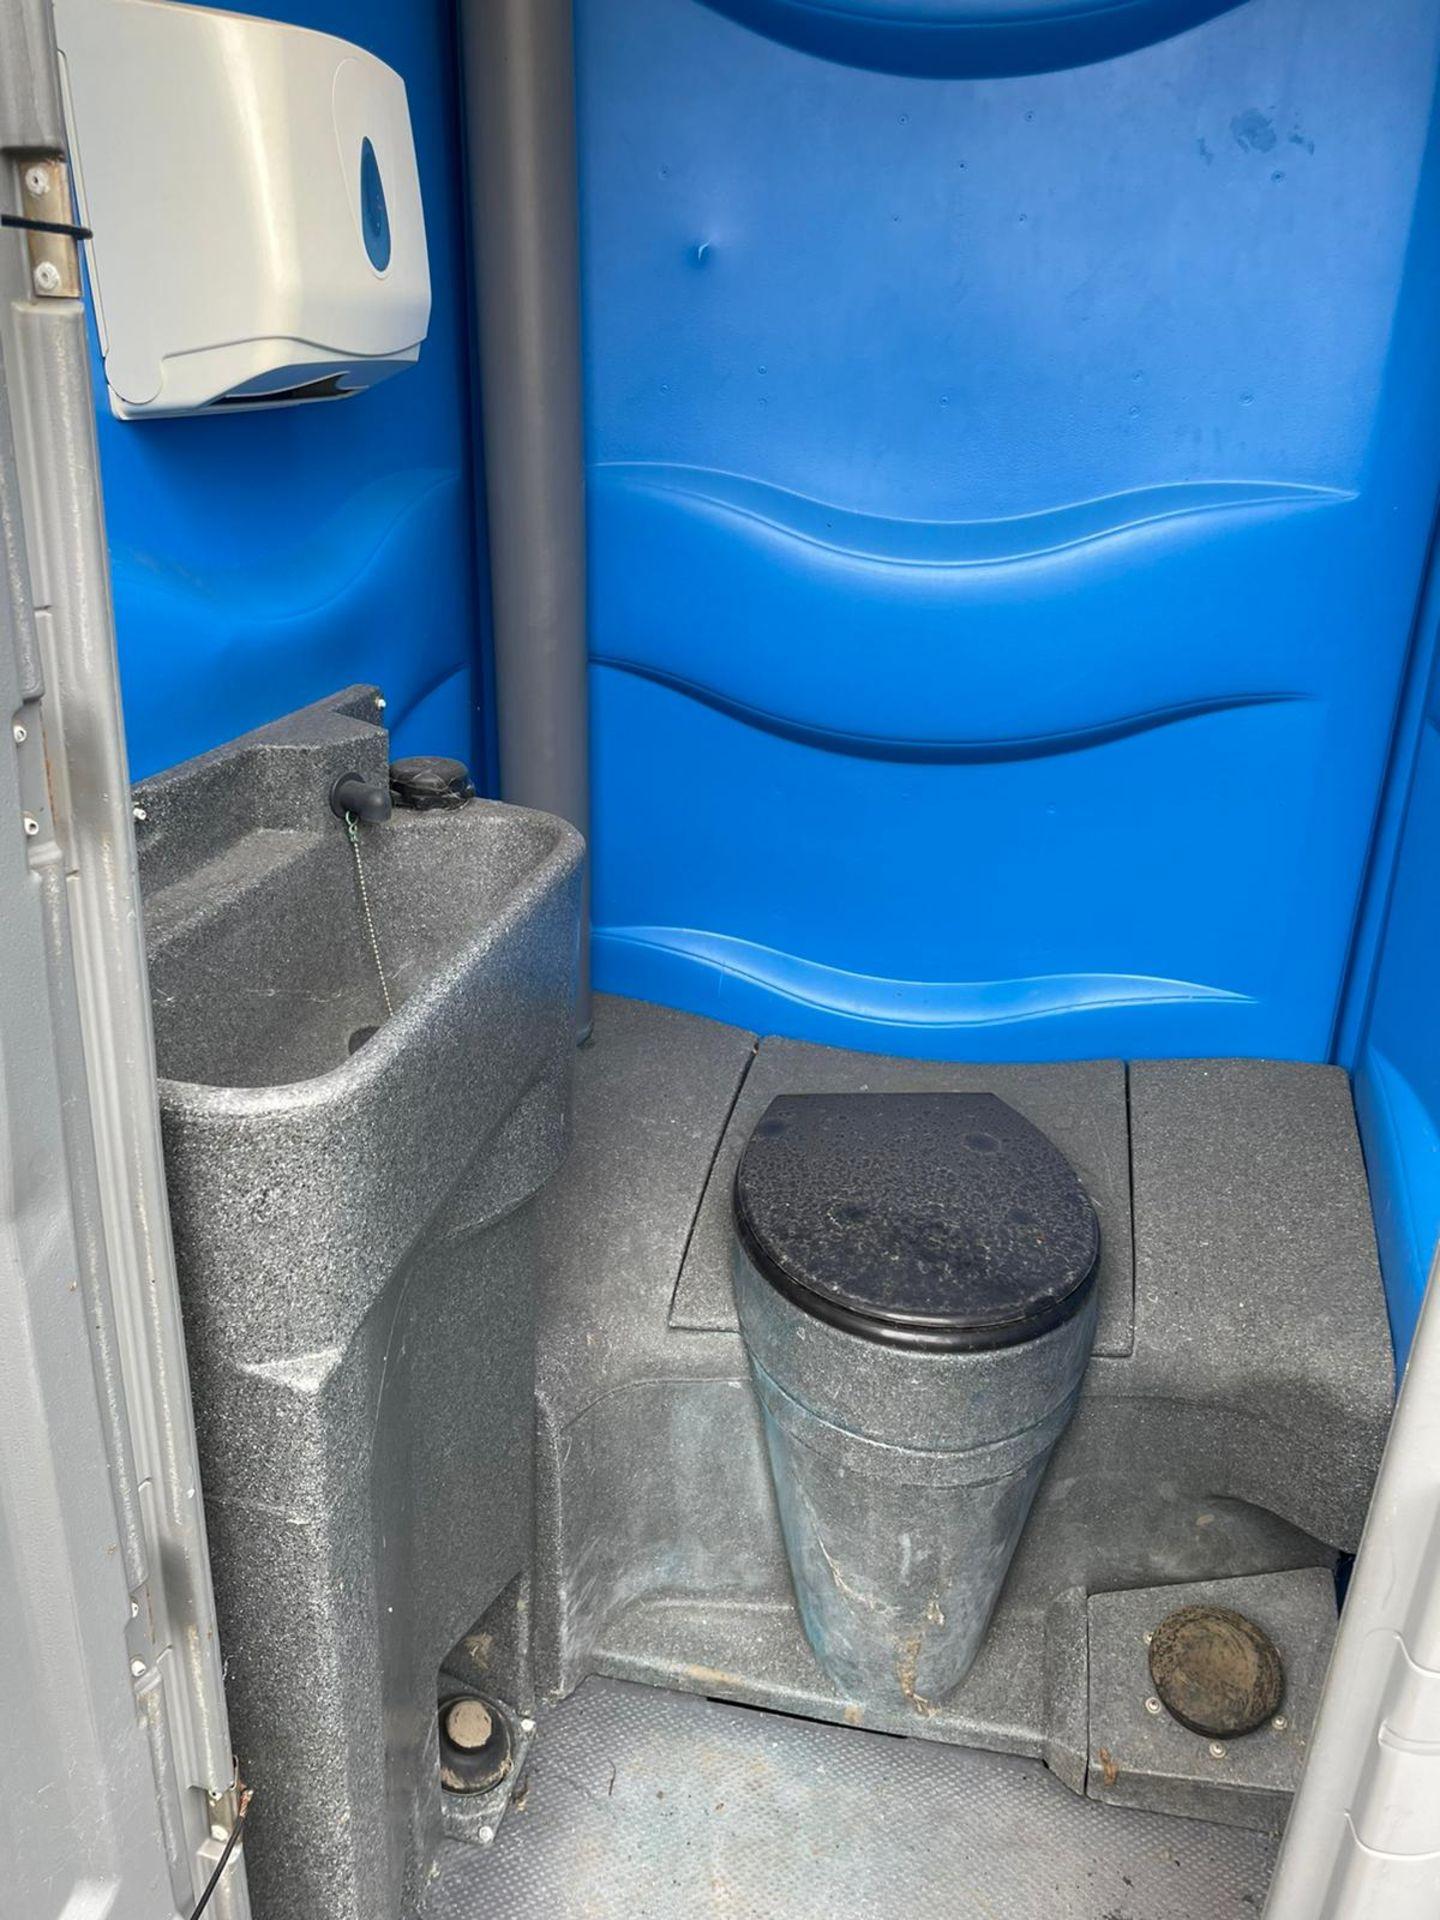 Portaloo Toilet Block, Door Is Bent, plus VAT - Image 4 of 4